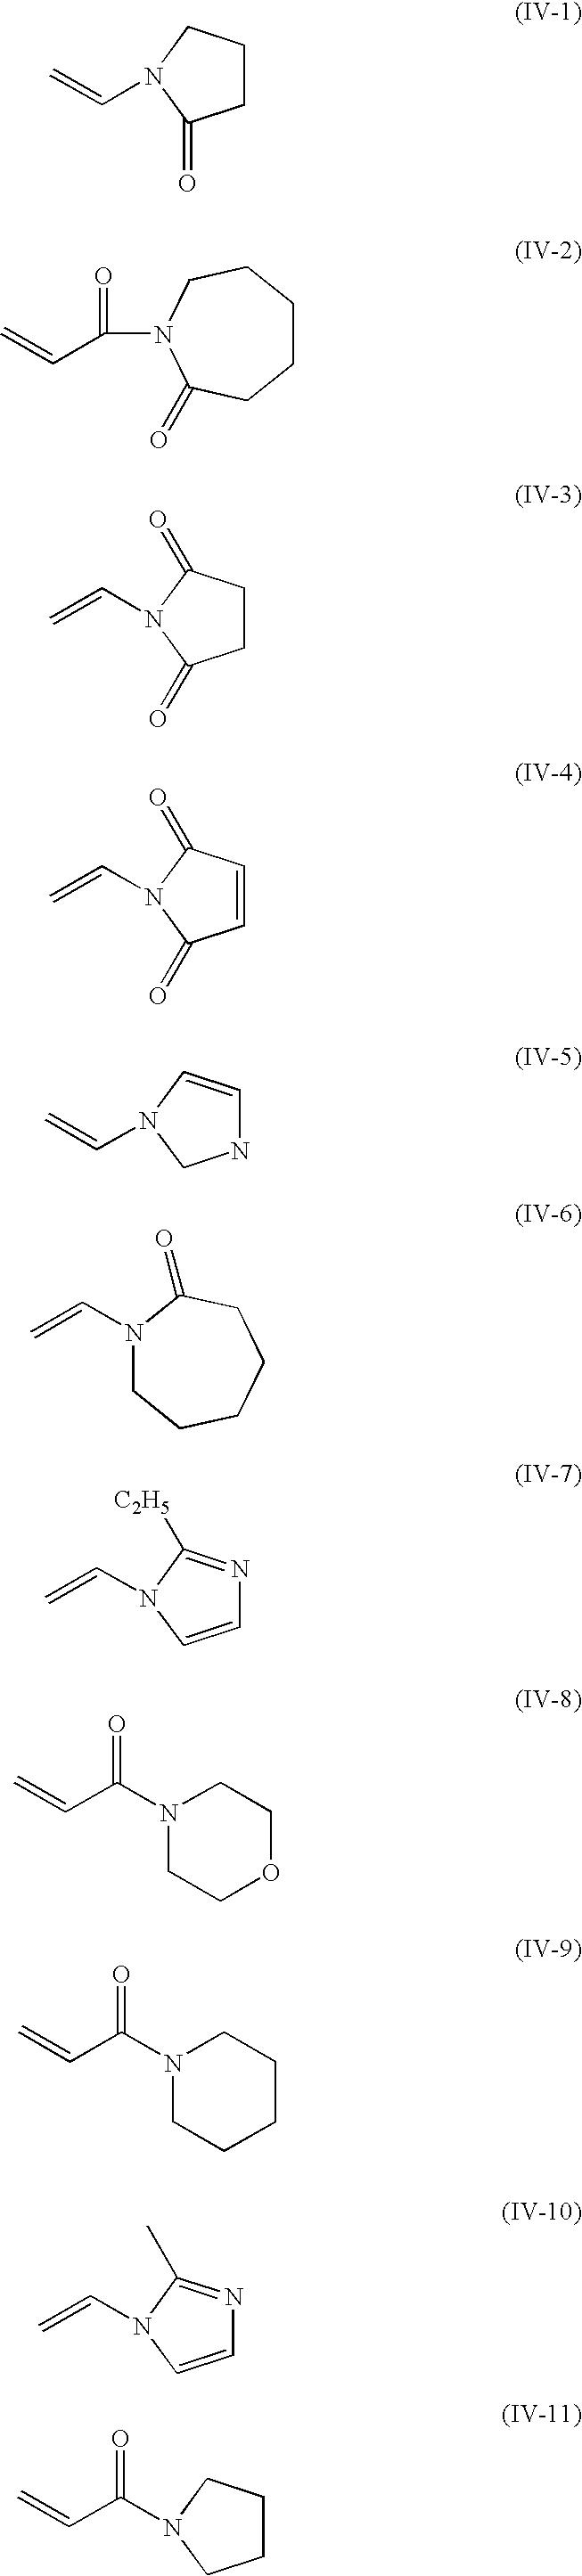 Figure US20090011367A1-20090108-C00009